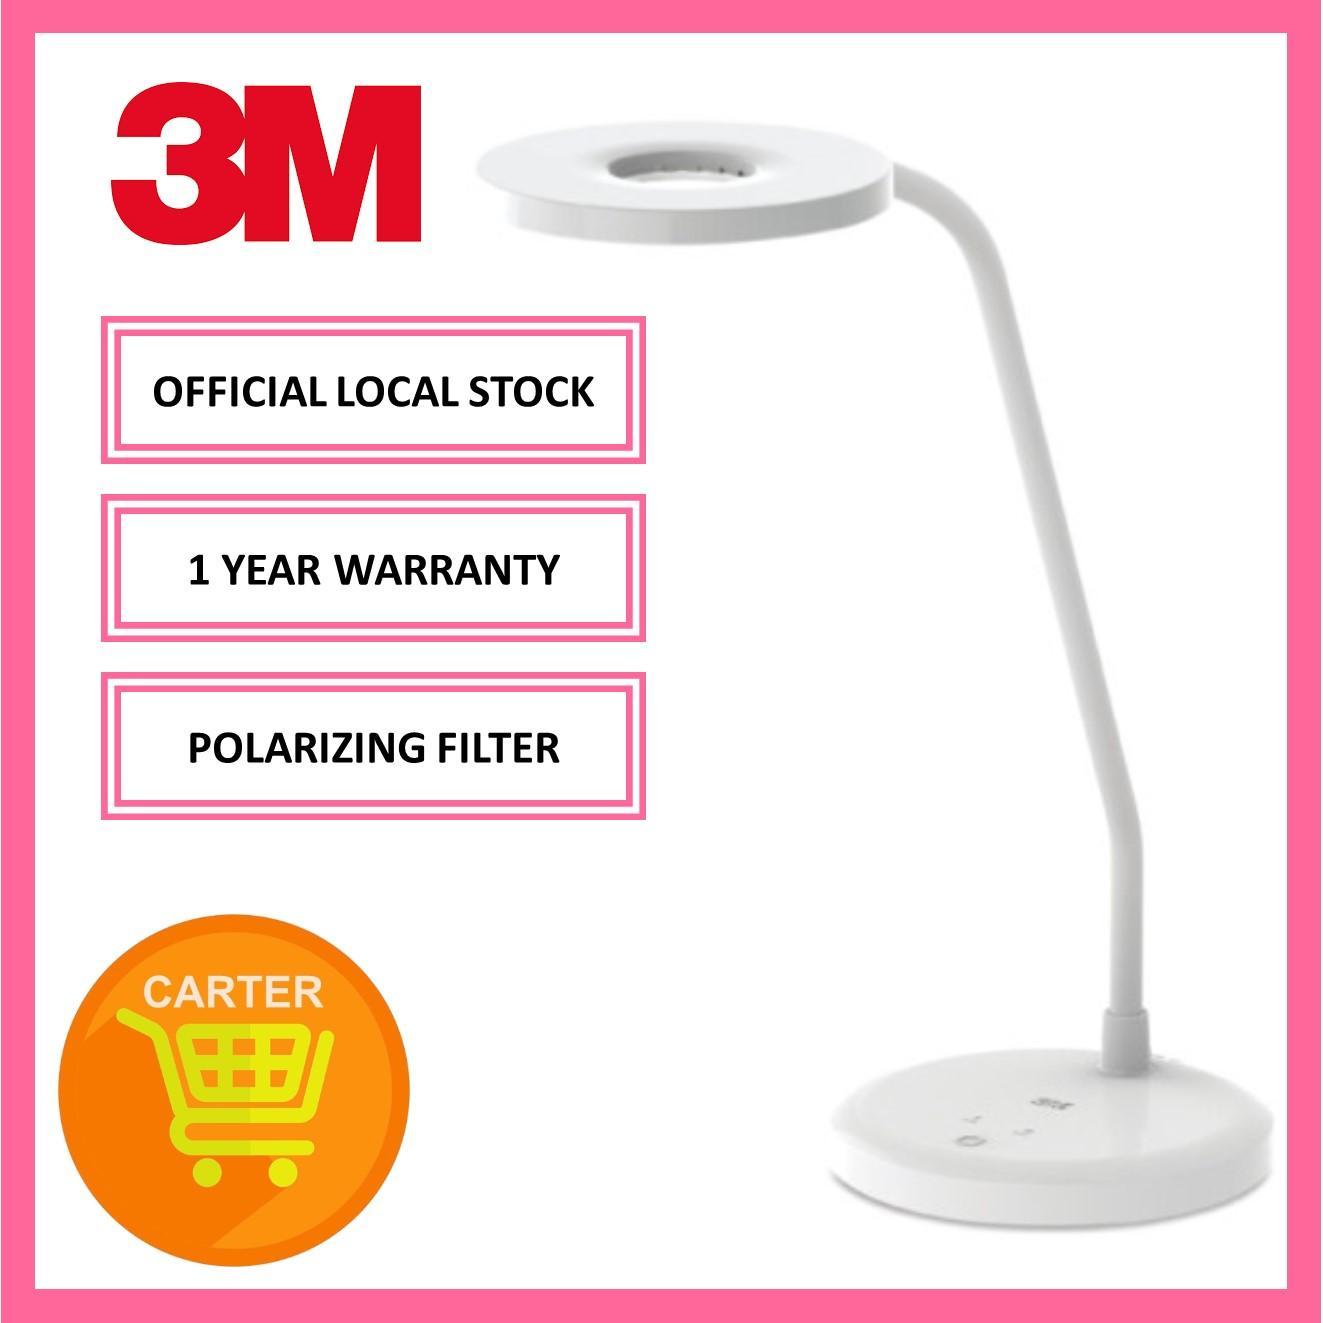 3M LED P1610 POLARIZING TASK LIGHT LAMP